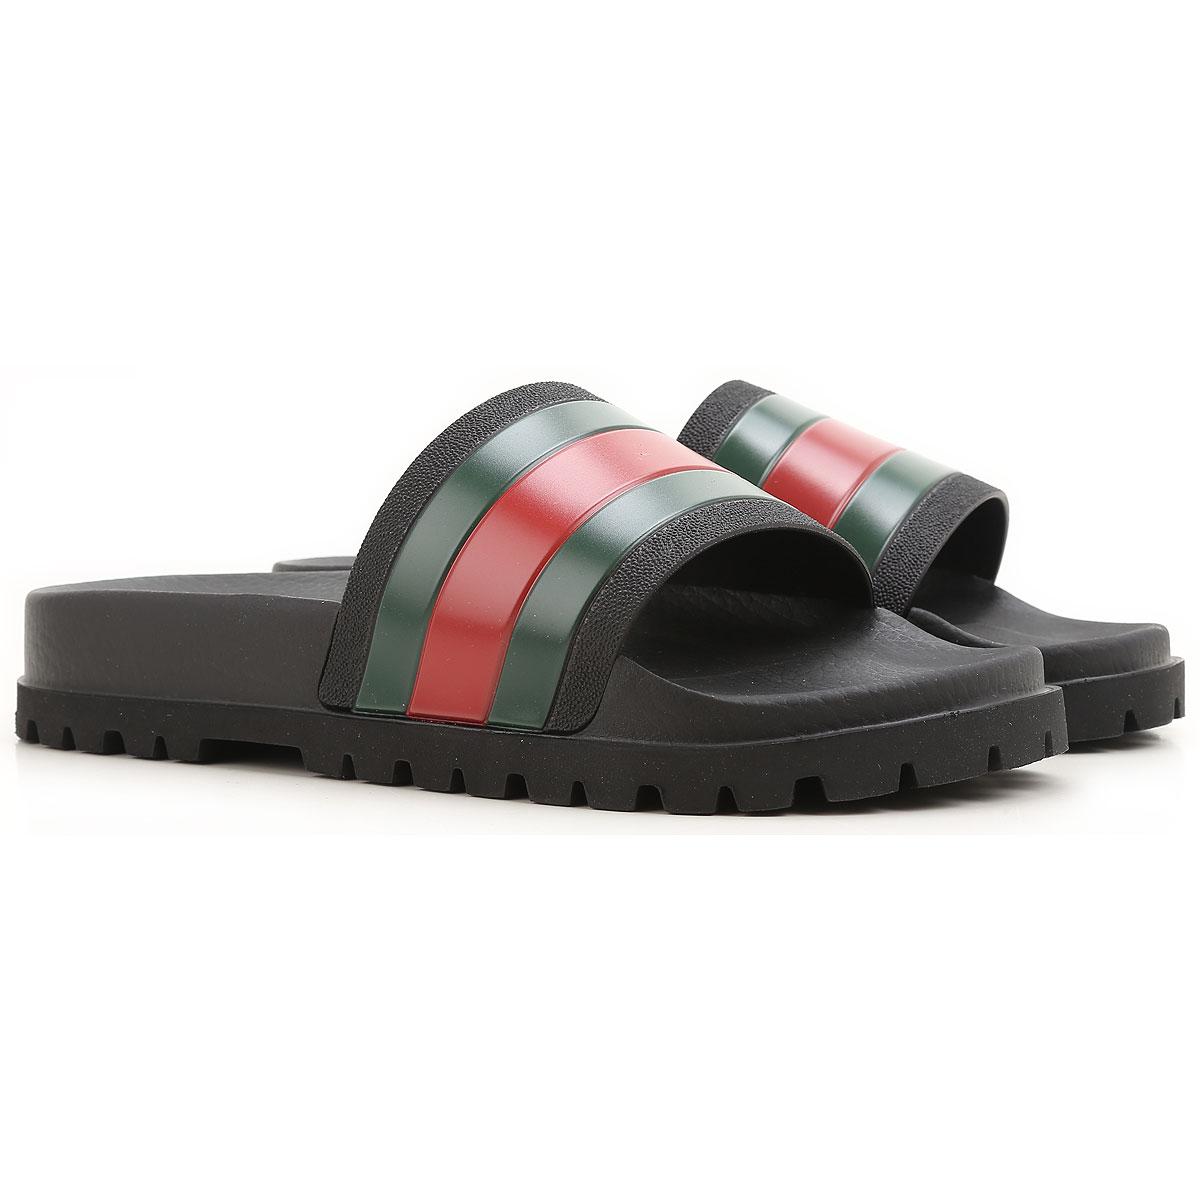 15cf383e6 Gucci. Shoes for Men